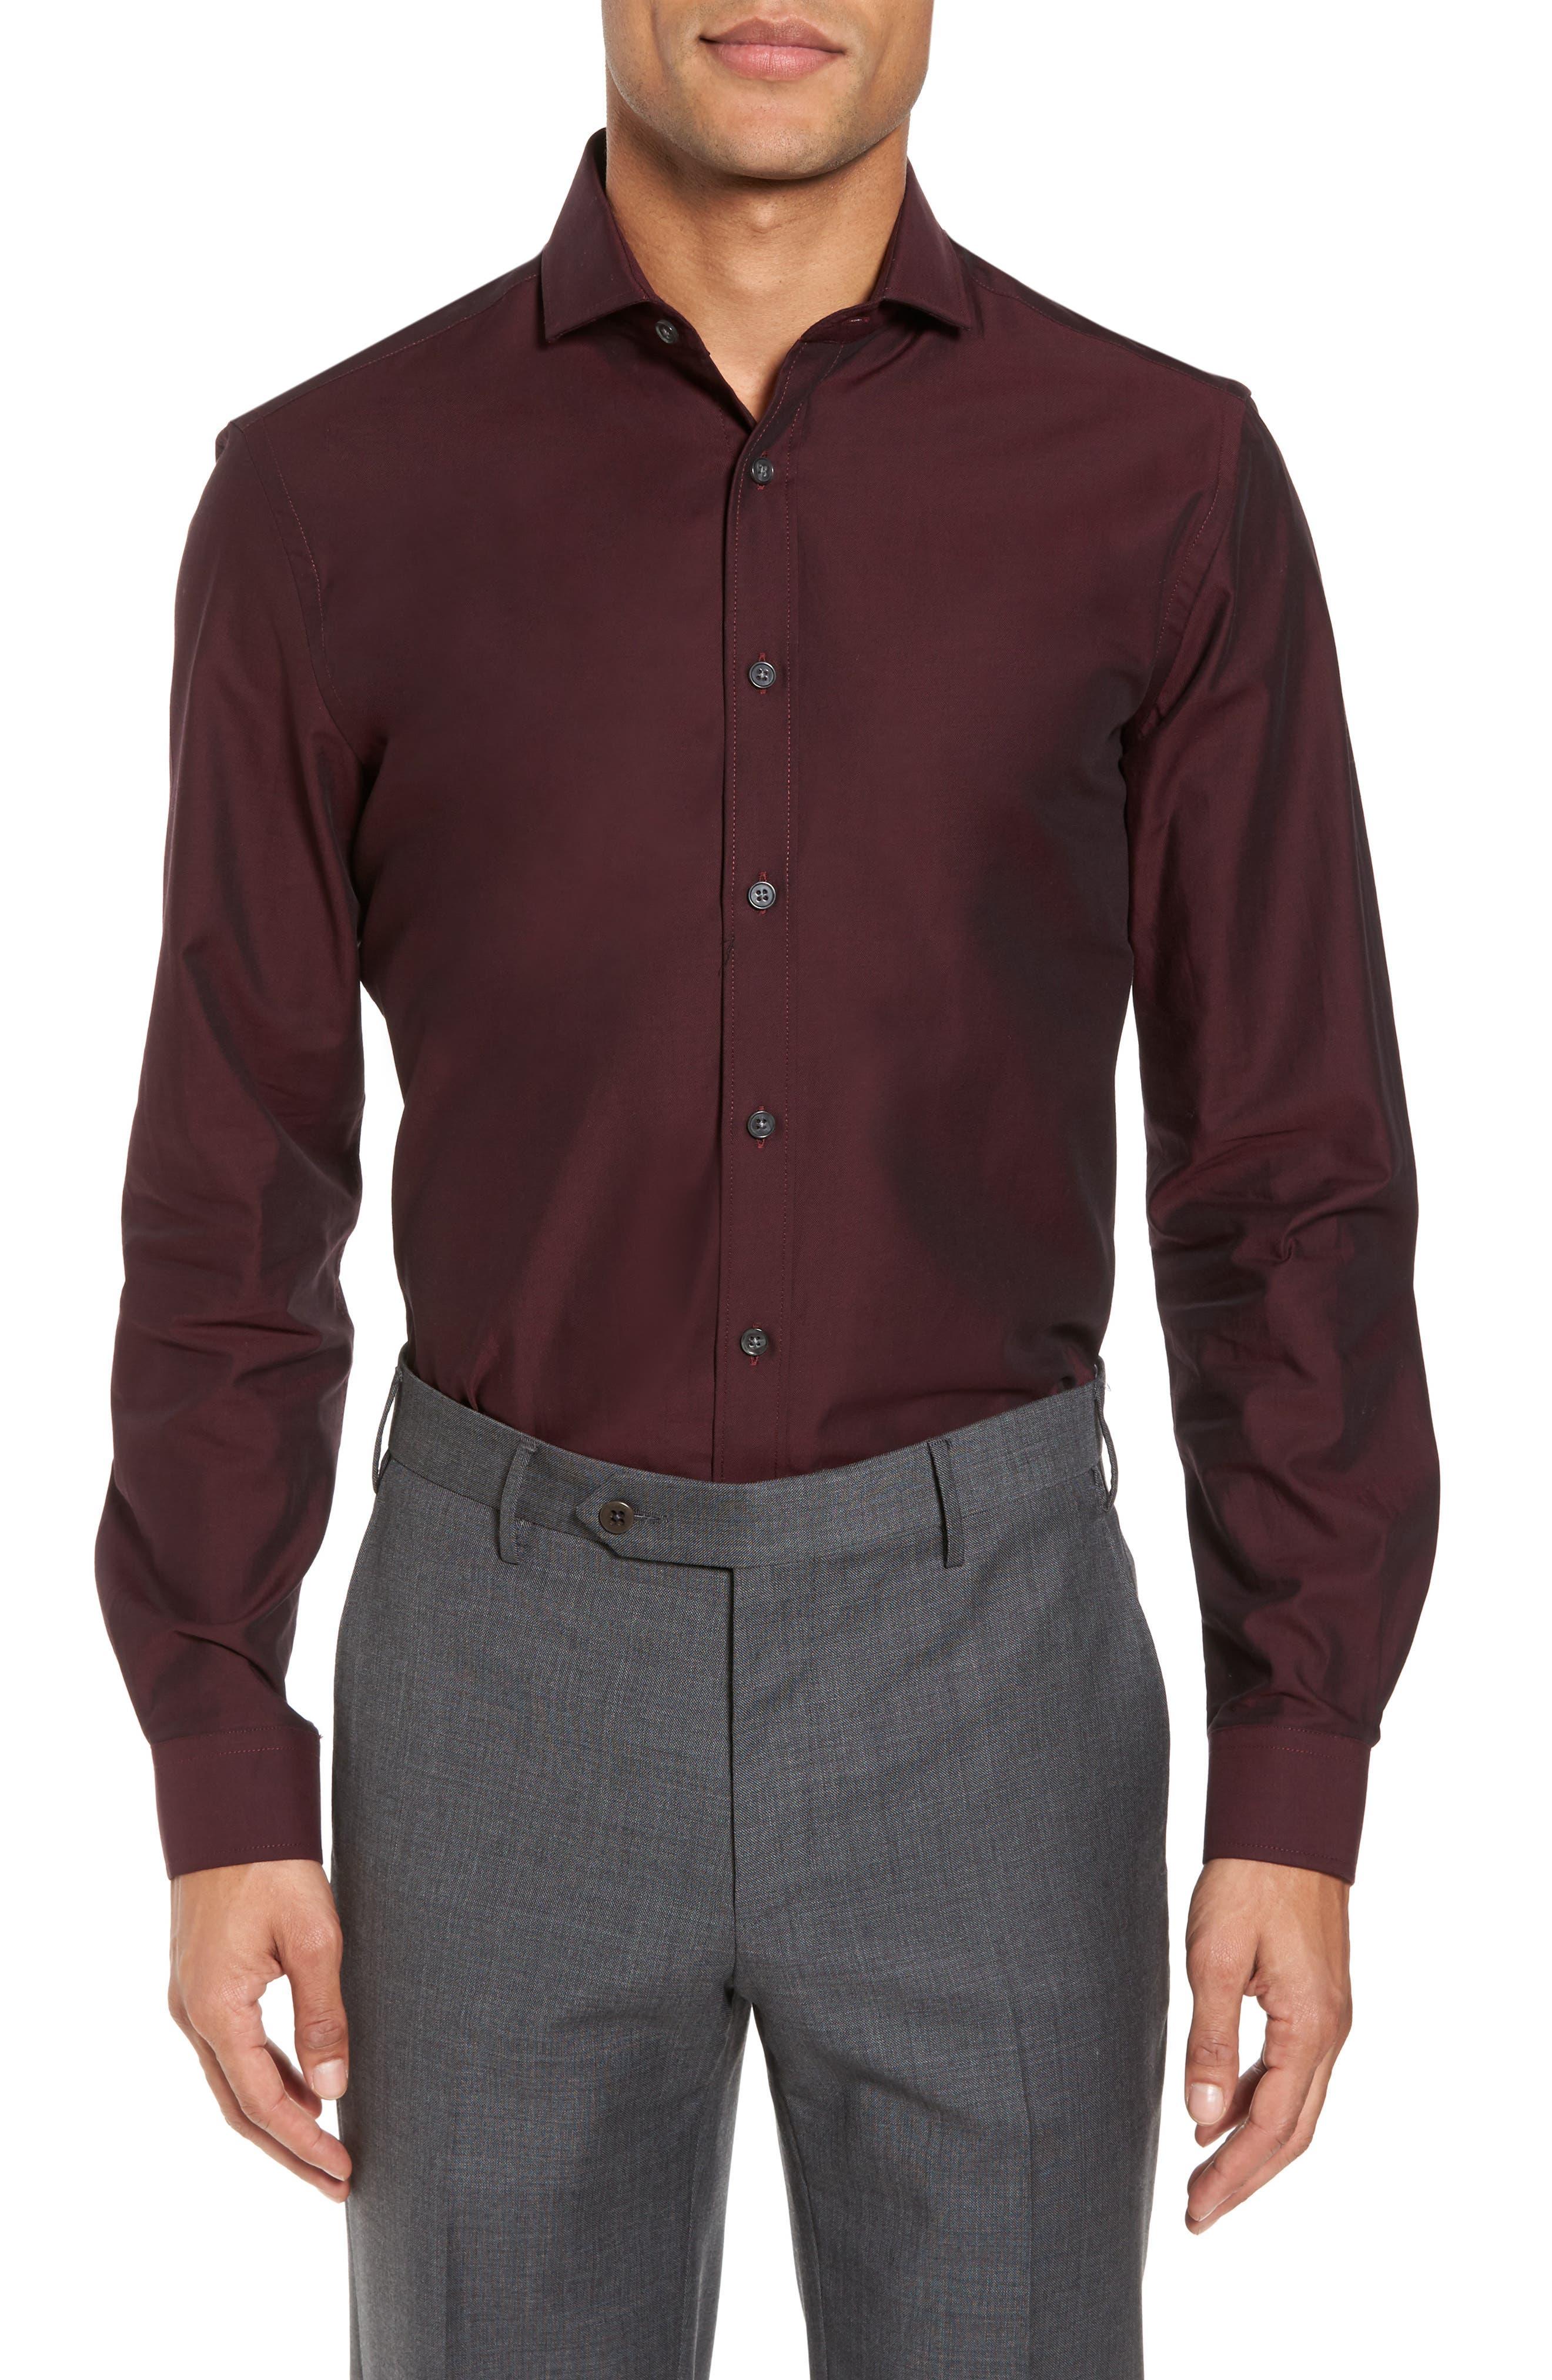 DUCHAMP Trim Fit Solid Dress Shirt, Main, color, 930